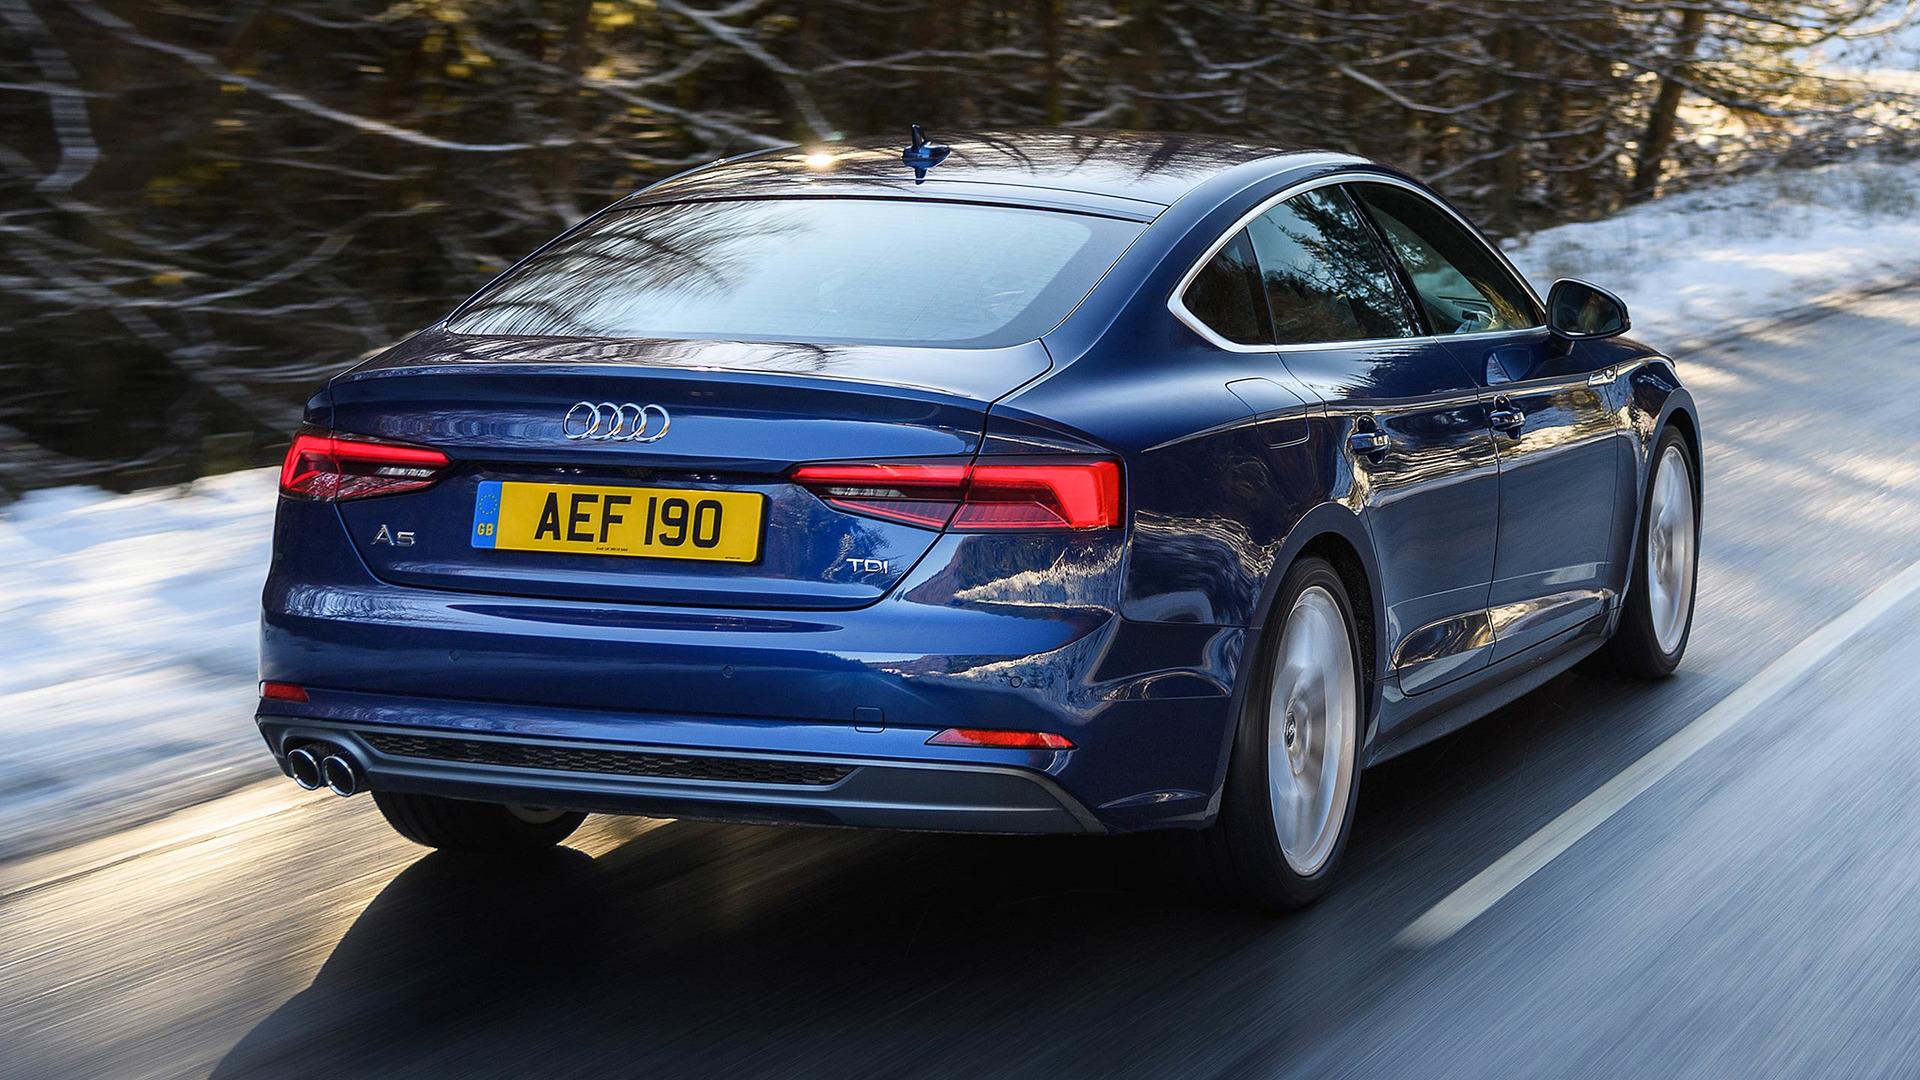 2017 Audi A5 Sportback Review